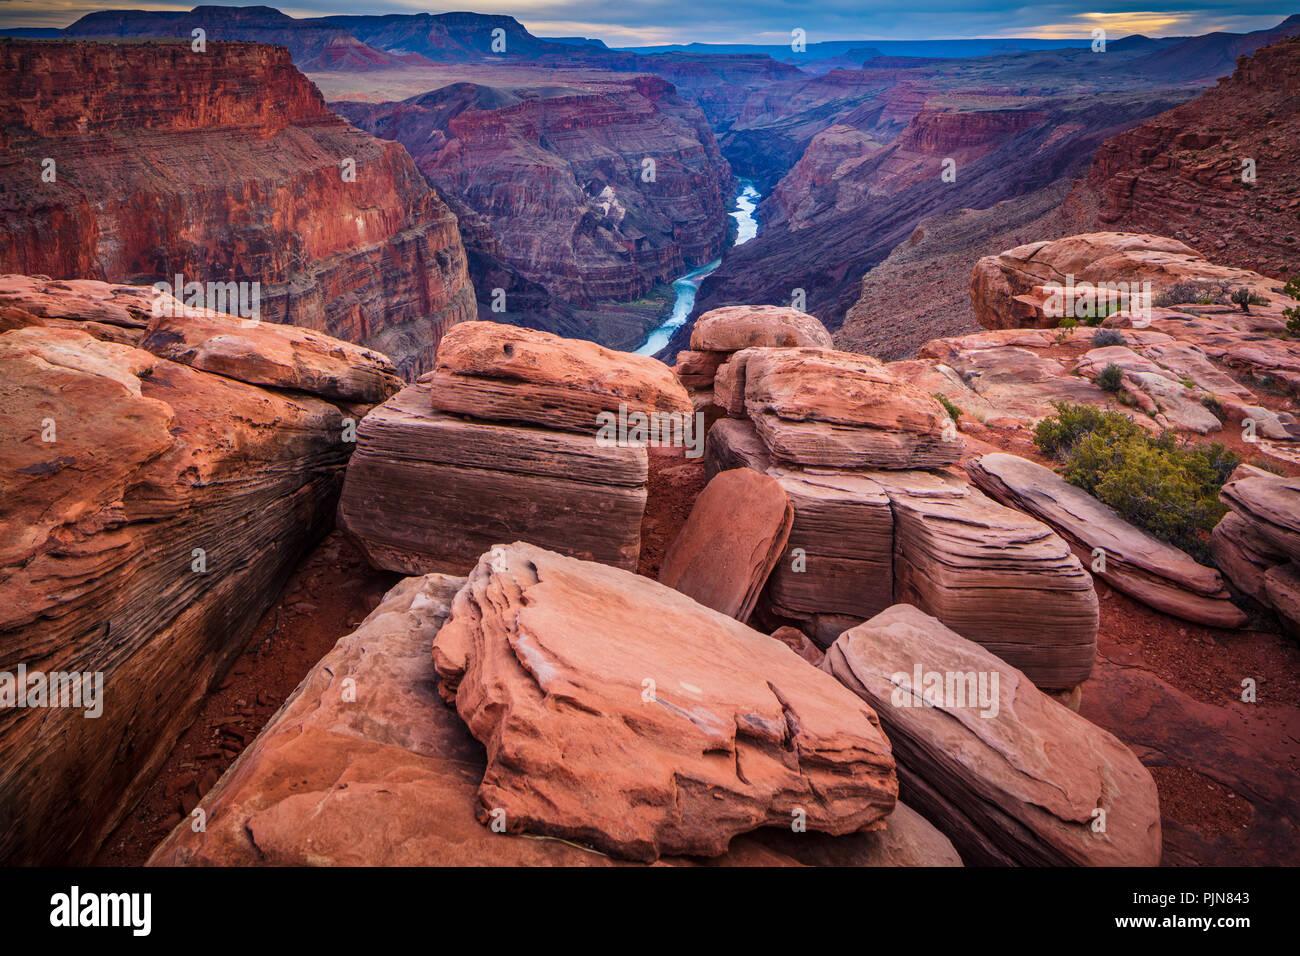 Grand Canyon de Toroweap Point. Le Grand Canyon est un canyon aux flancs abrupts sculptés par le fleuve Colorado dans l'état de l'Arizona. Banque D'Images